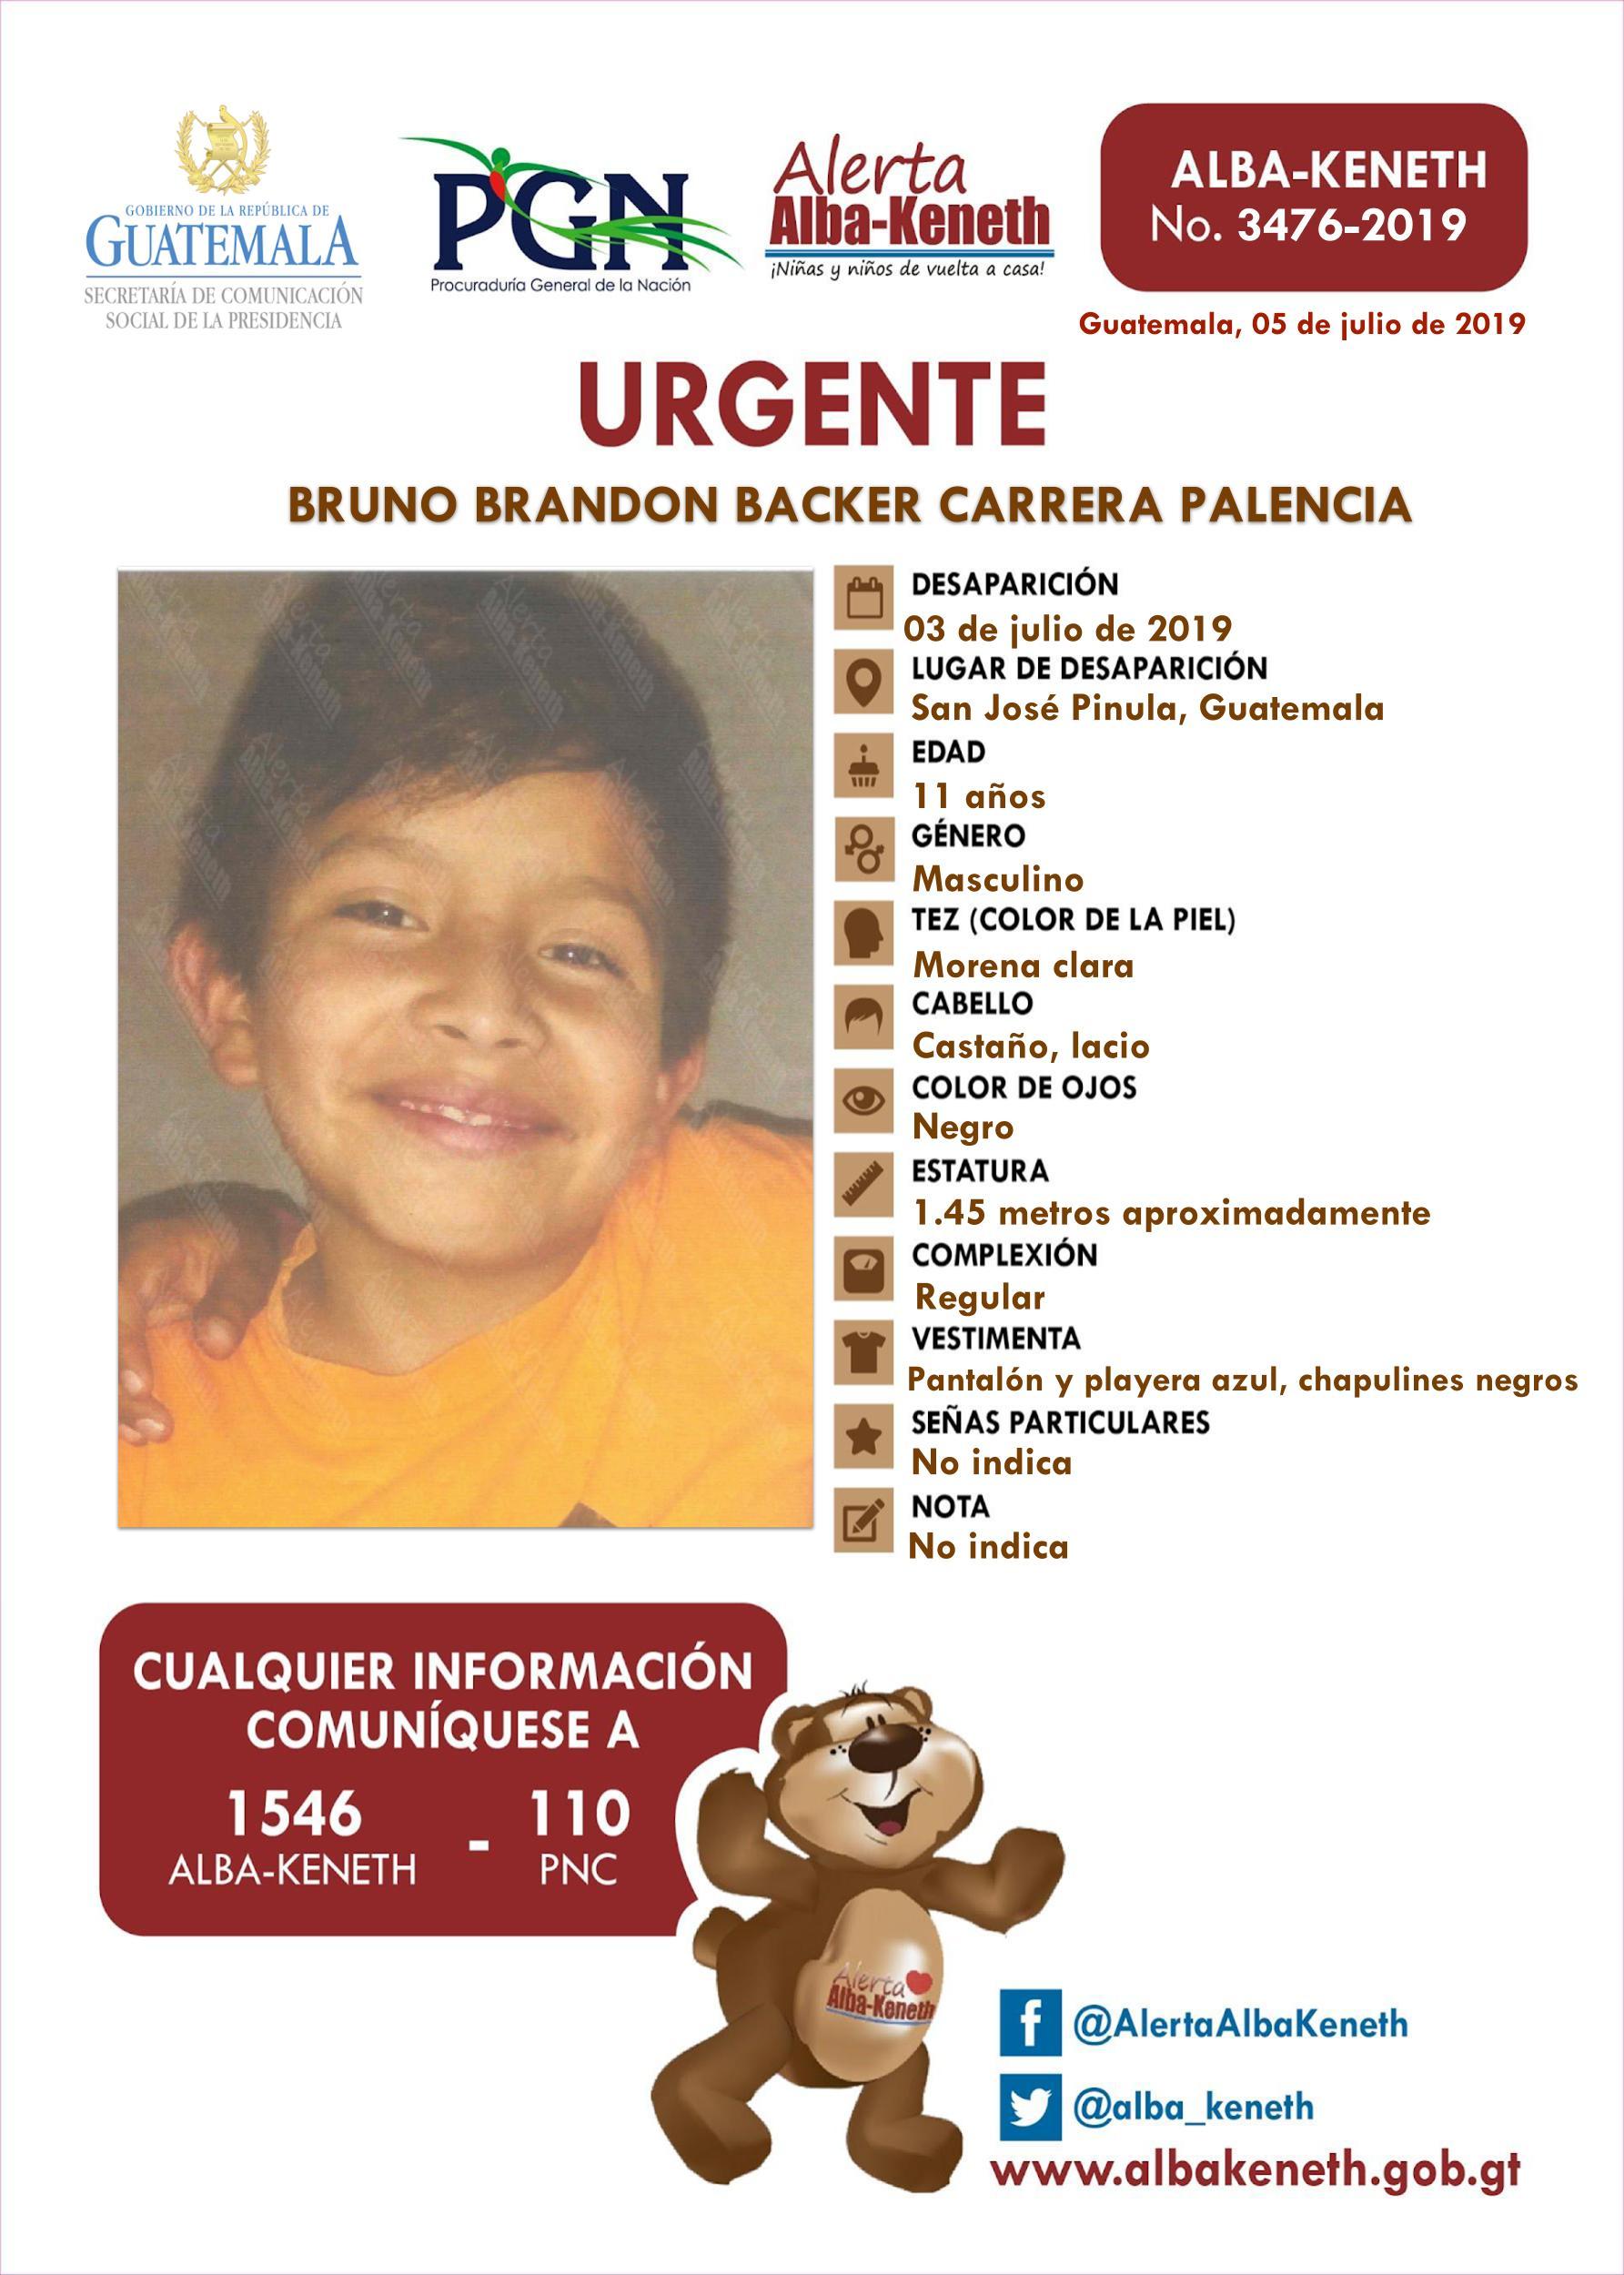 Bruno Brandon Backer Carrera Palencia